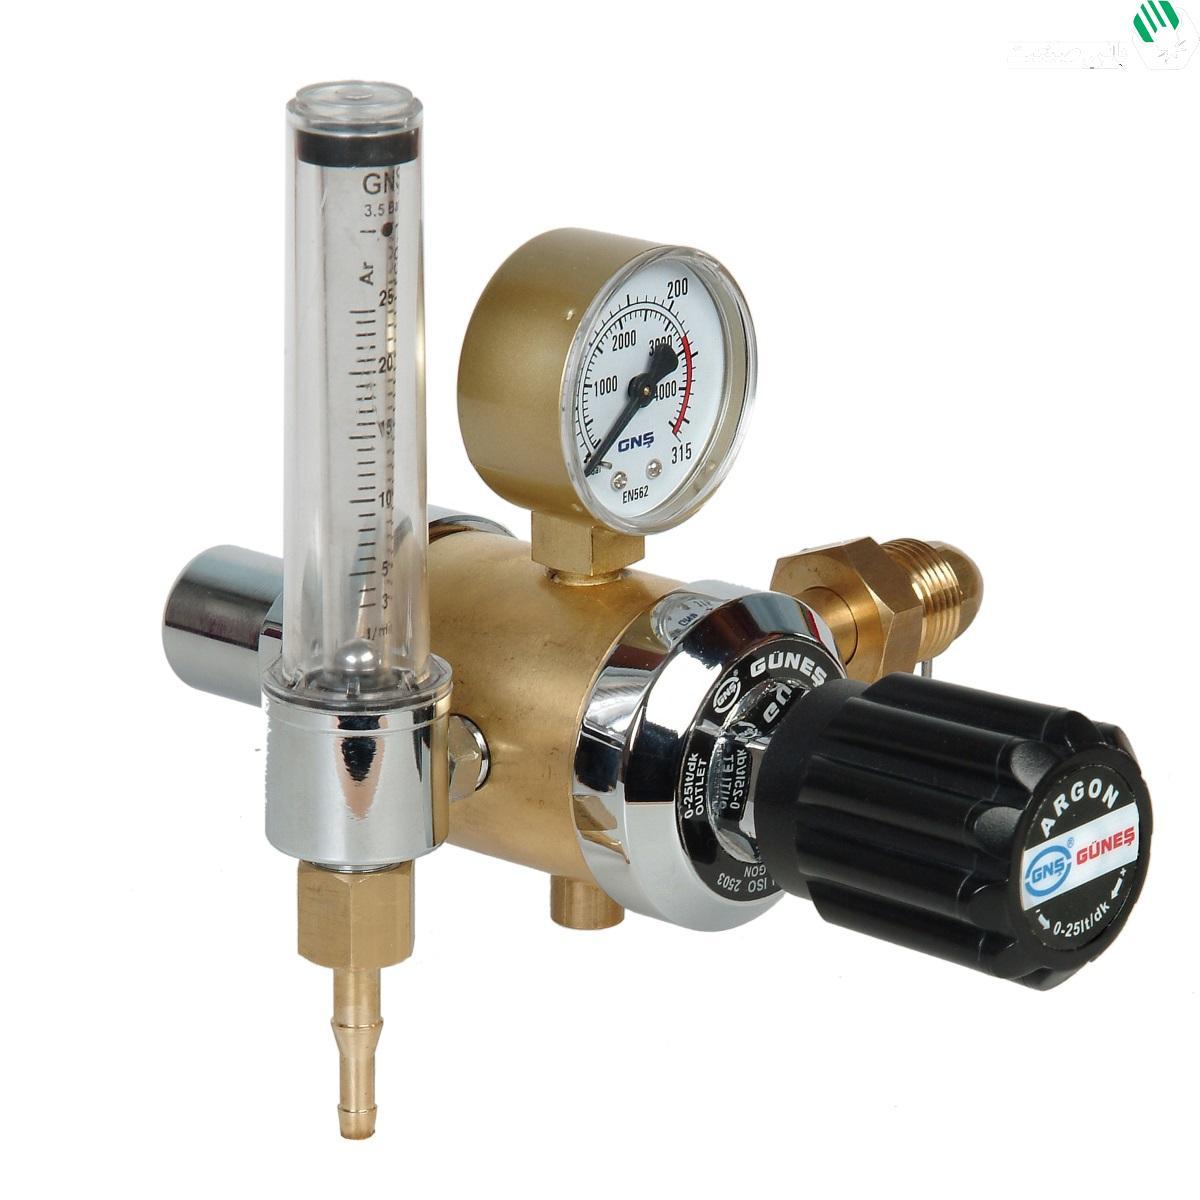 - رگلاتورهای گاز براساس محل نصب به چه صورت تقسیم می شوند ؟